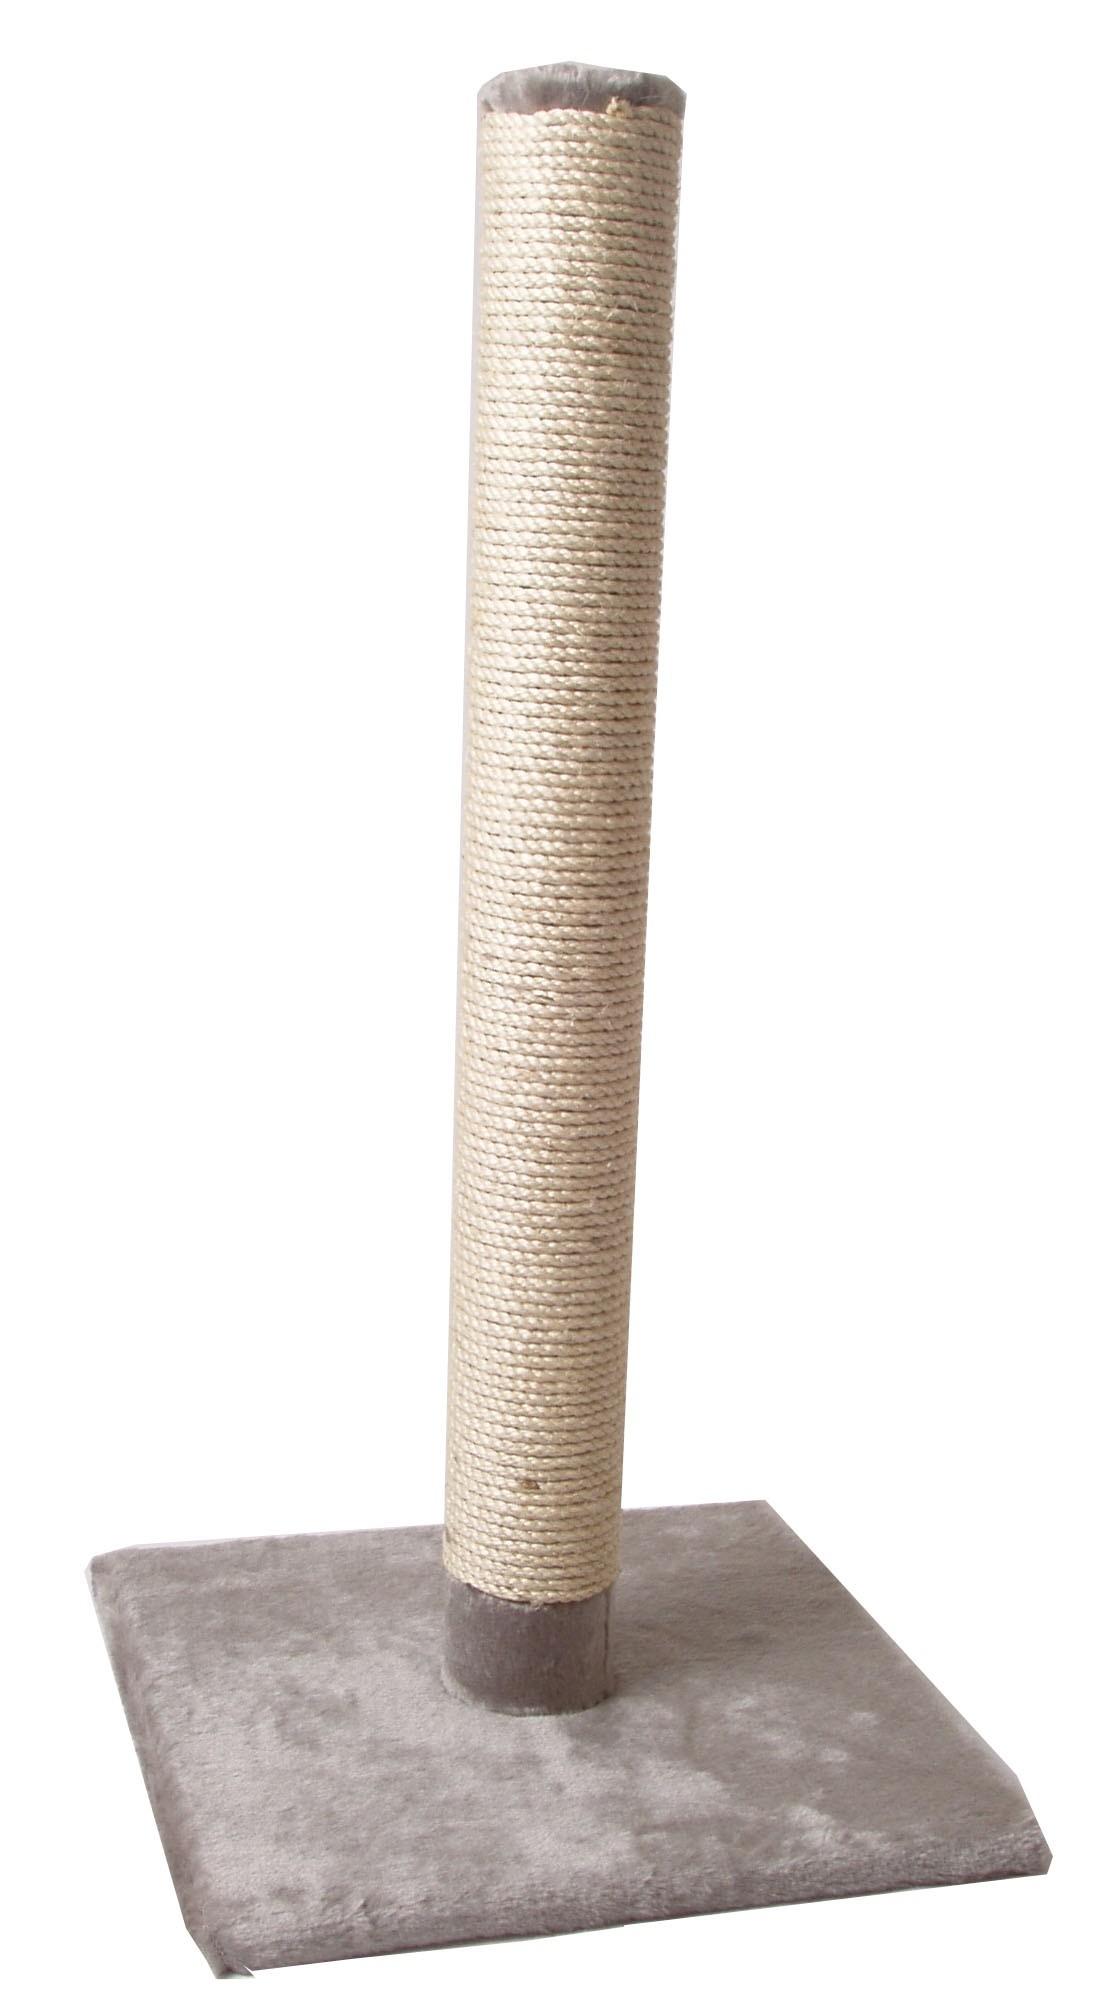 Krabpaal-Lang-82-cm-voor-de-kat-Grijs